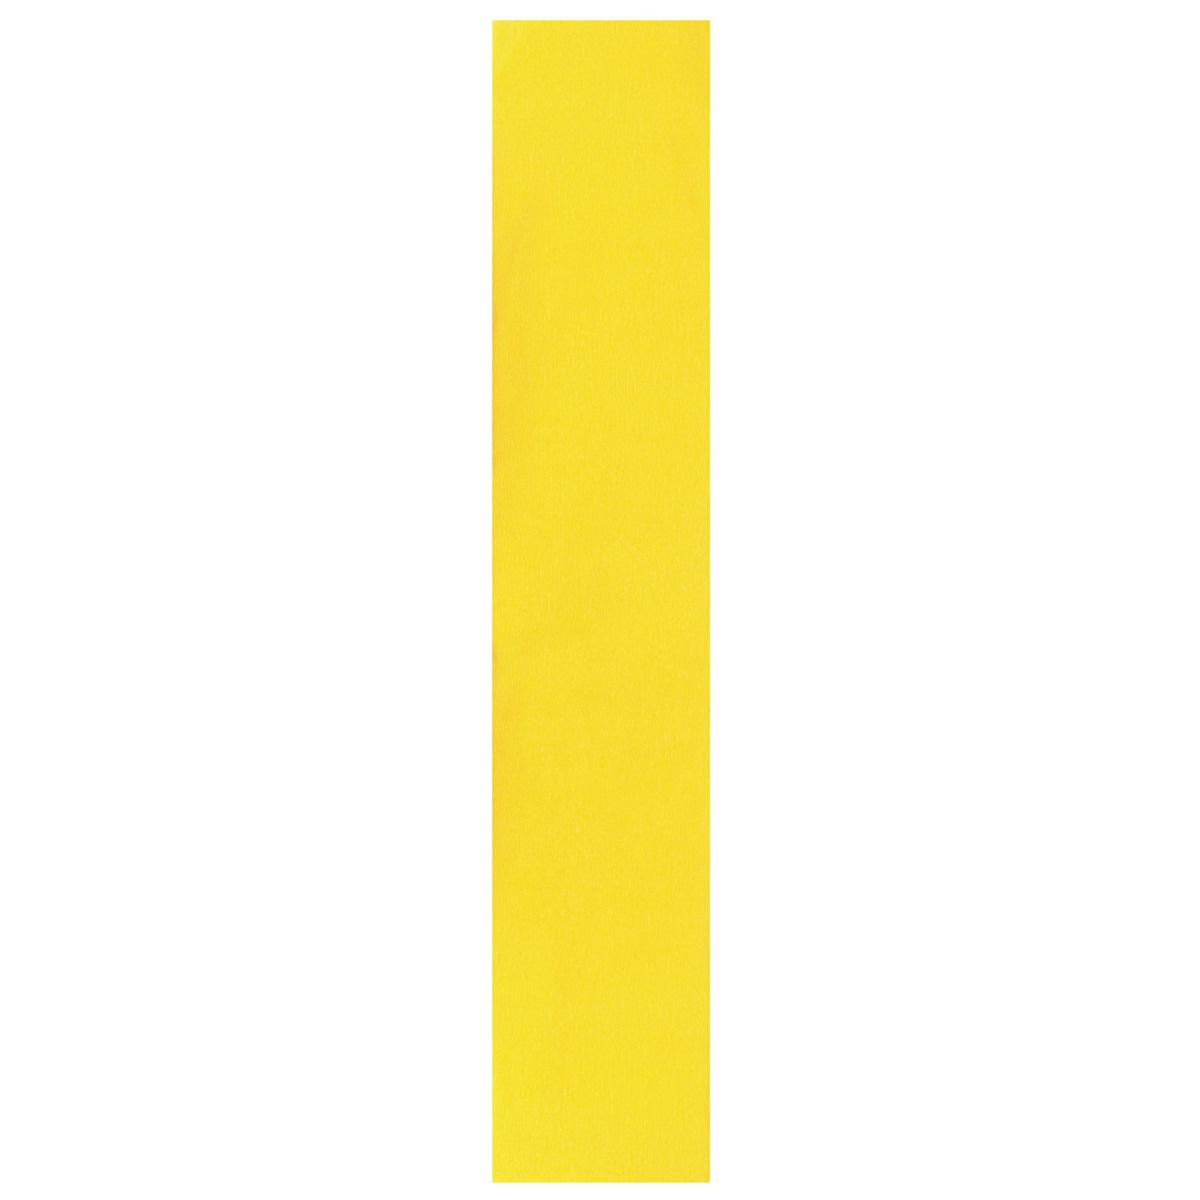 Бумага креповая Folia, цвет: желтый (06), 50 см x 2,5 м55052Бумага креповая Folia - прекрасный материал для декорирования, украшения интерьера, изготовления искусственных цветов, эффектной упаковки и различных поделок. Бумага прекрасно держит форму, отлично крепится и замечательно подходит для изготовления праздничной упаковки для цветов.